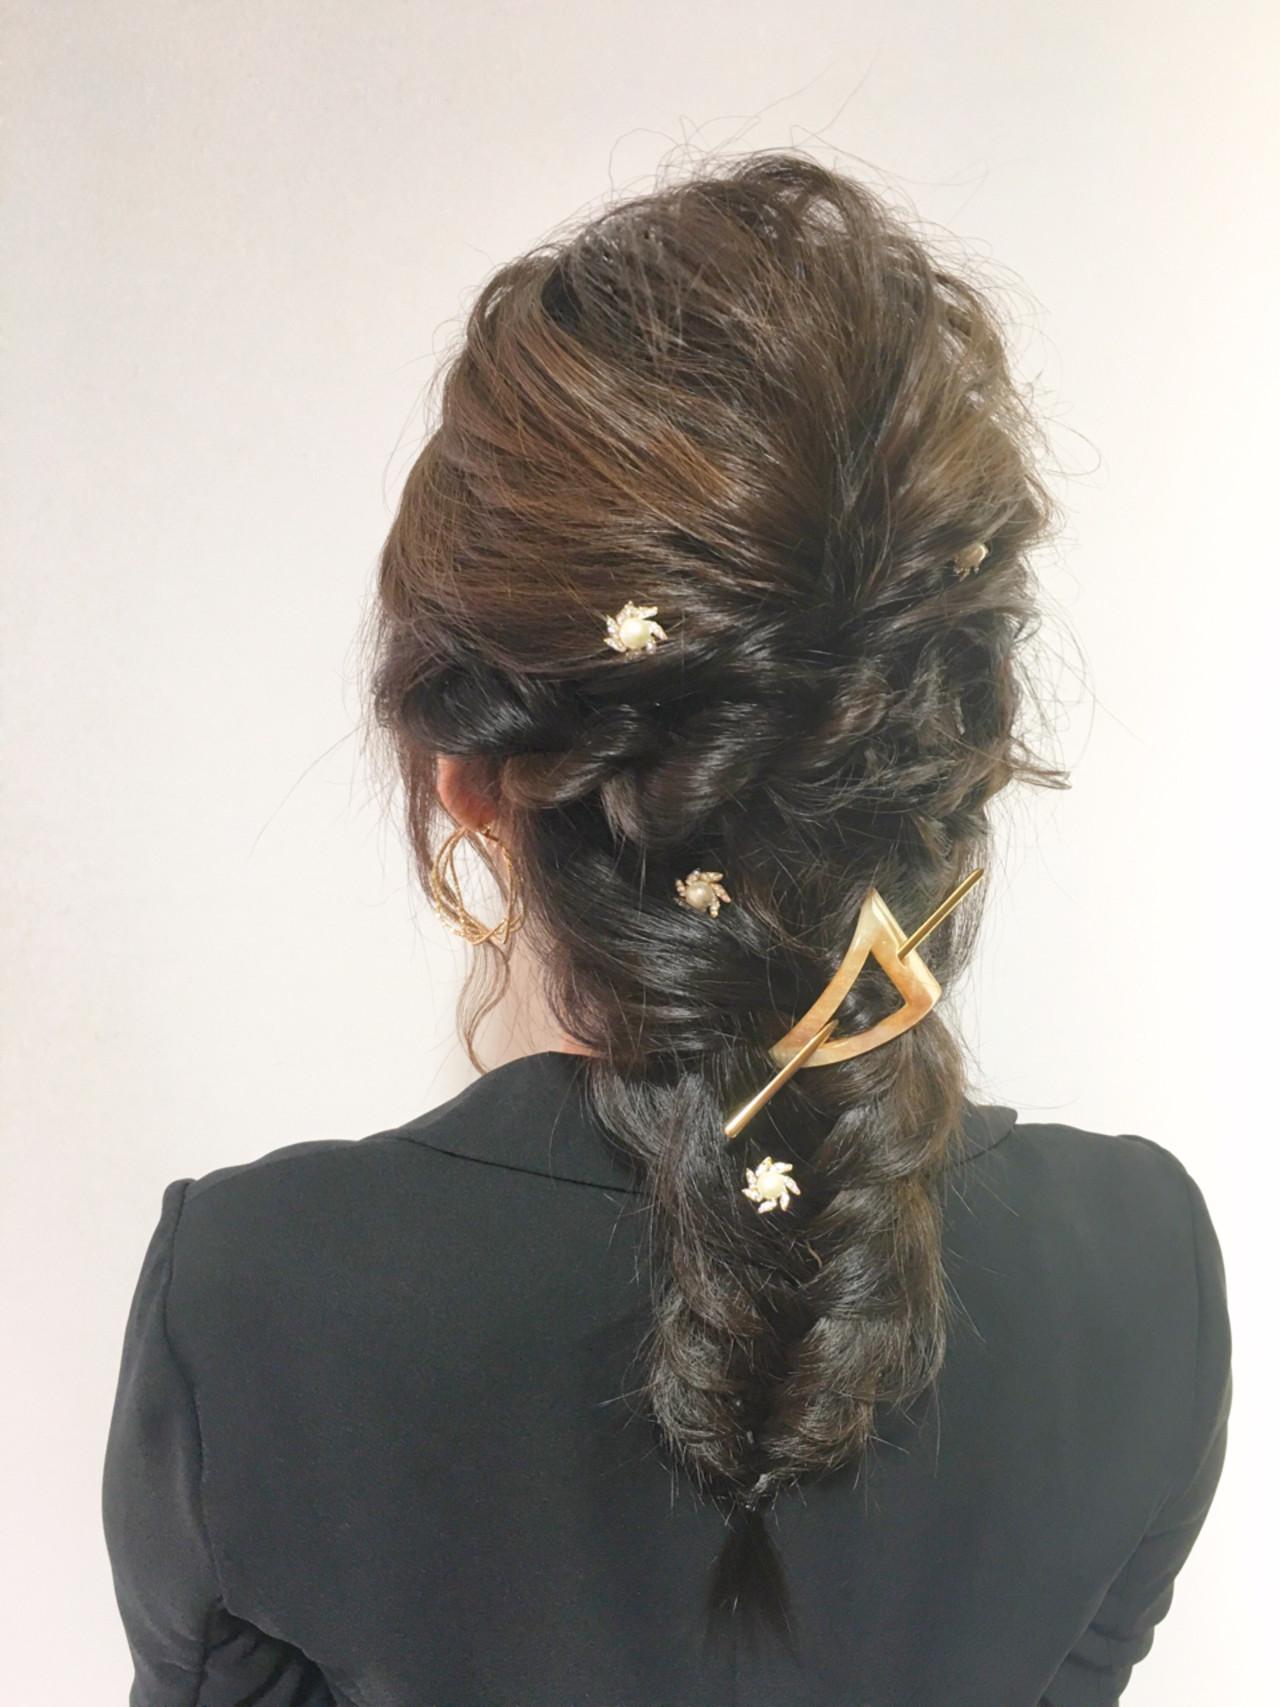 ヘアアレンジ 大人女子 セミロング 編み込み ヘアスタイルや髪型の写真・画像 | 山口 卓哉/earth北浦和店 / Hair&Make EARTH北浦和店